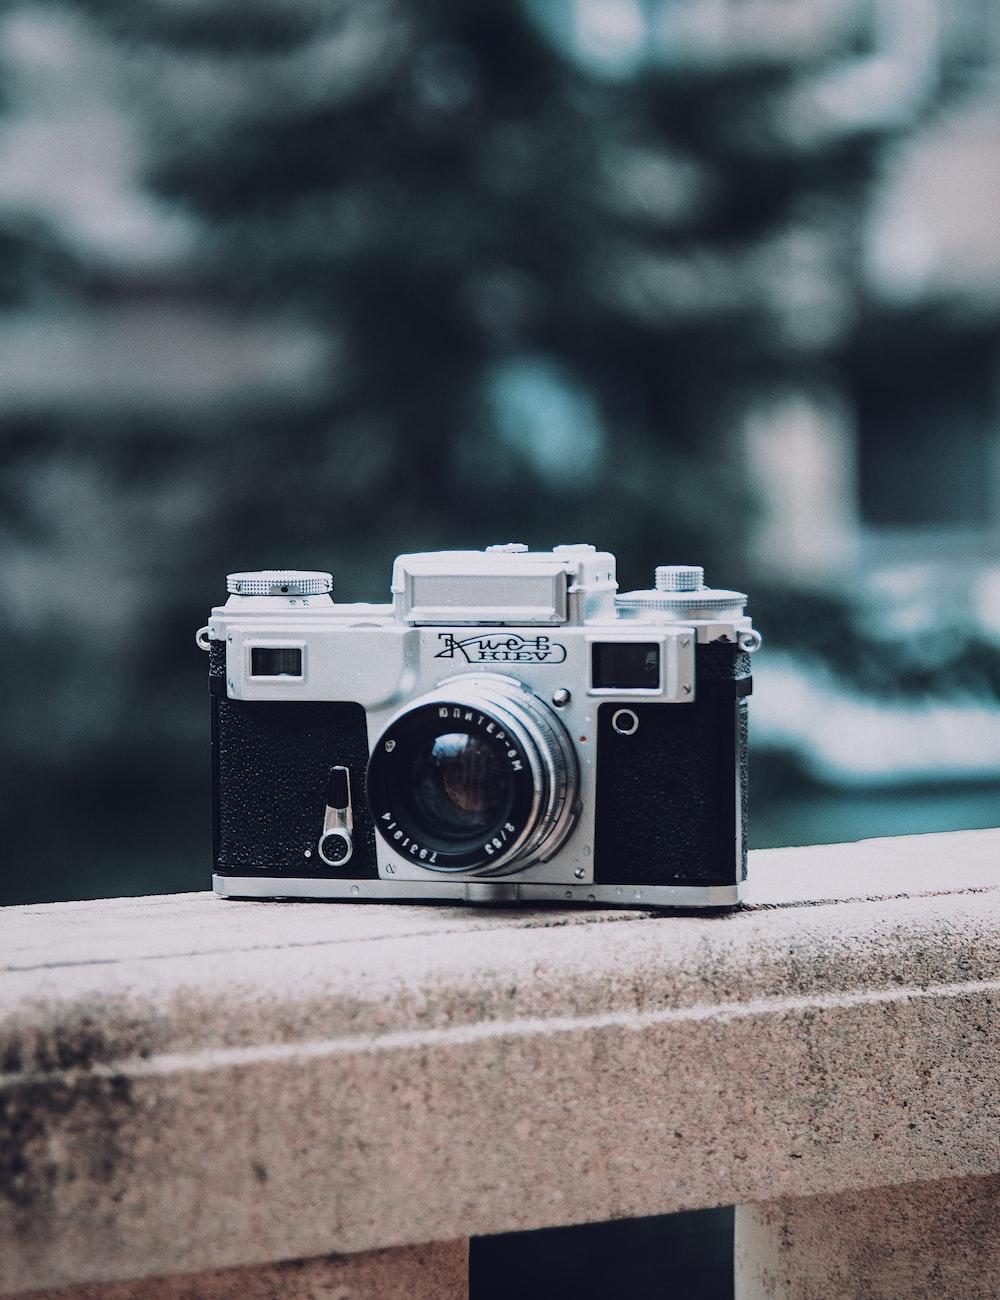 silver and black bridge camera